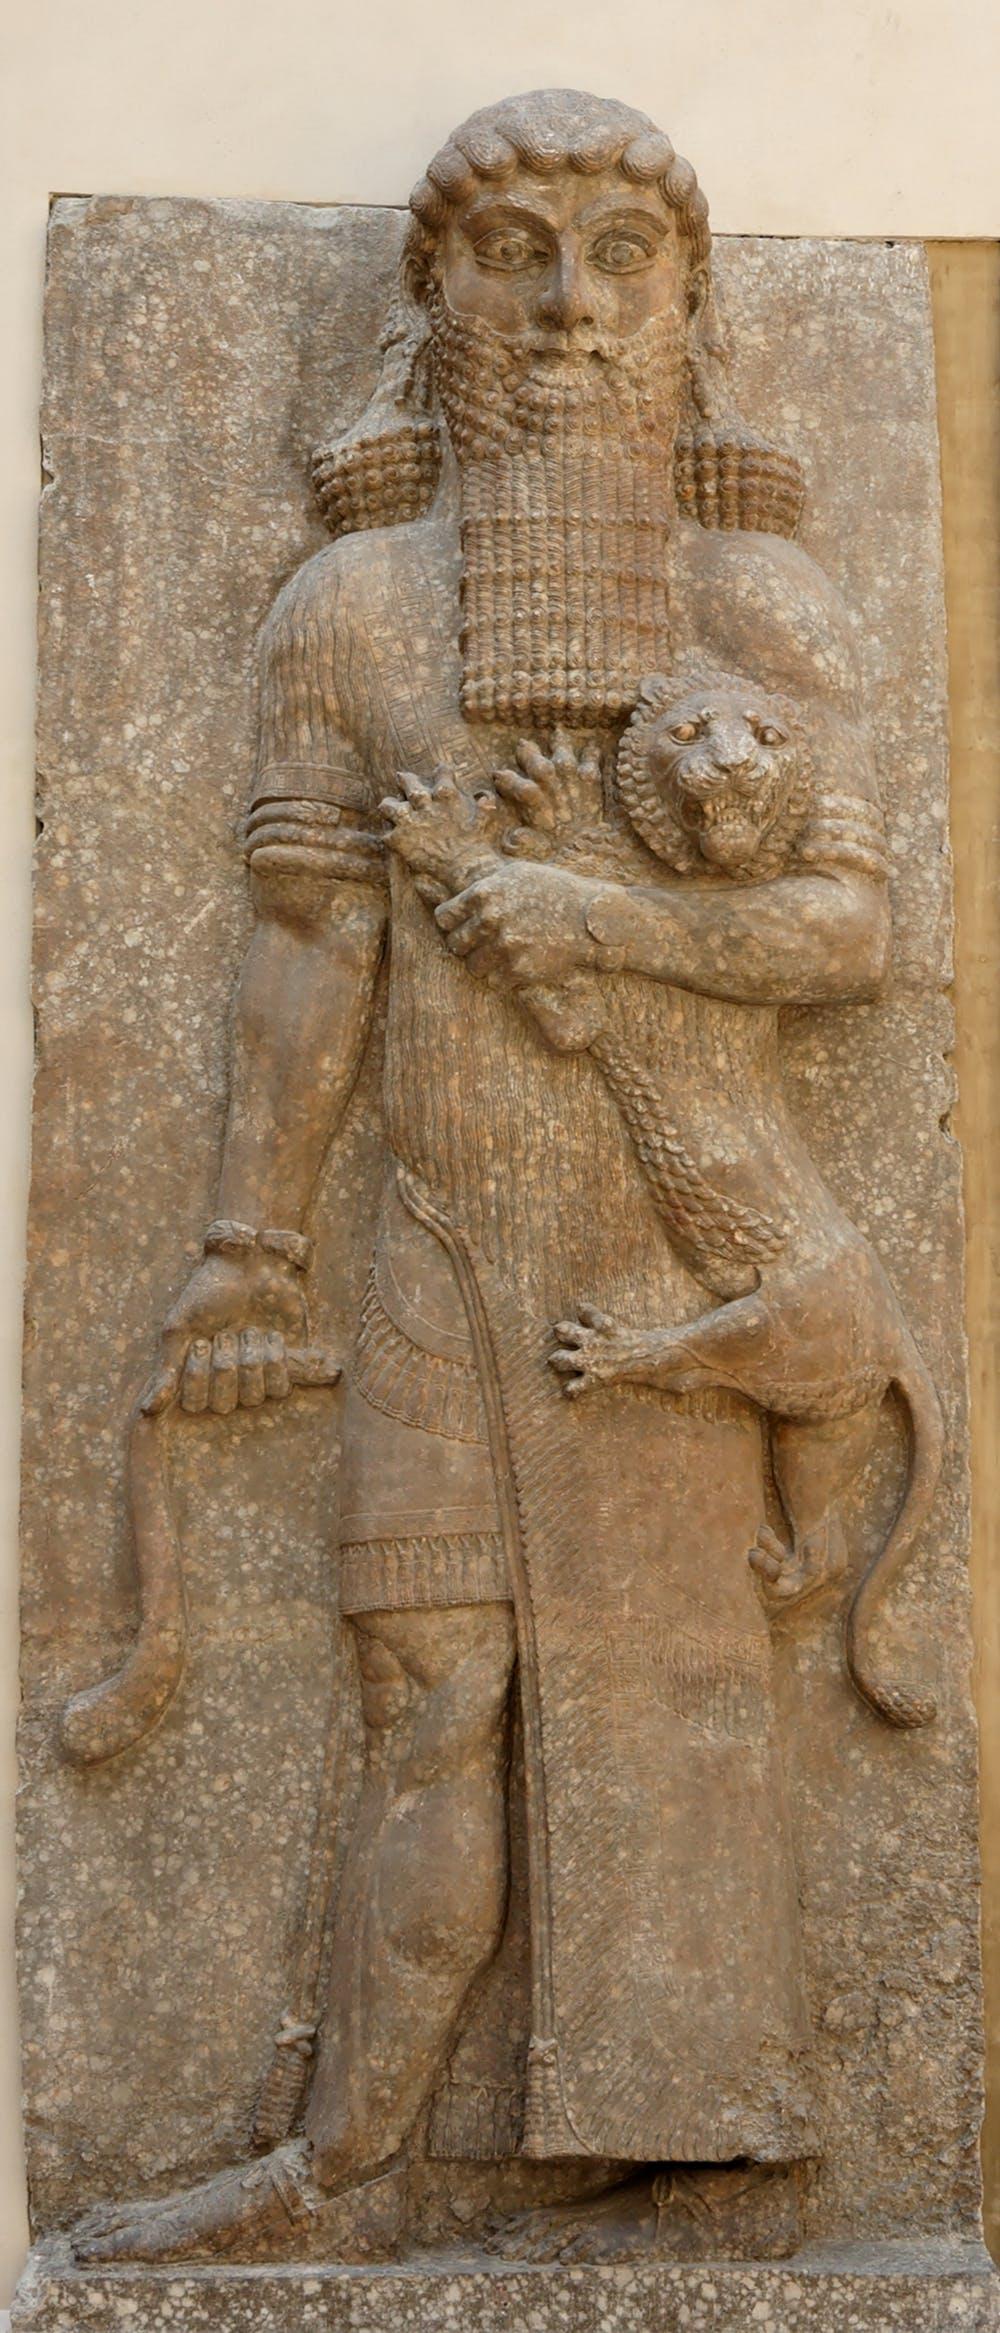 تصویر منسوب به گیلگمش، از 700 سال پیش از میلاد در عراق